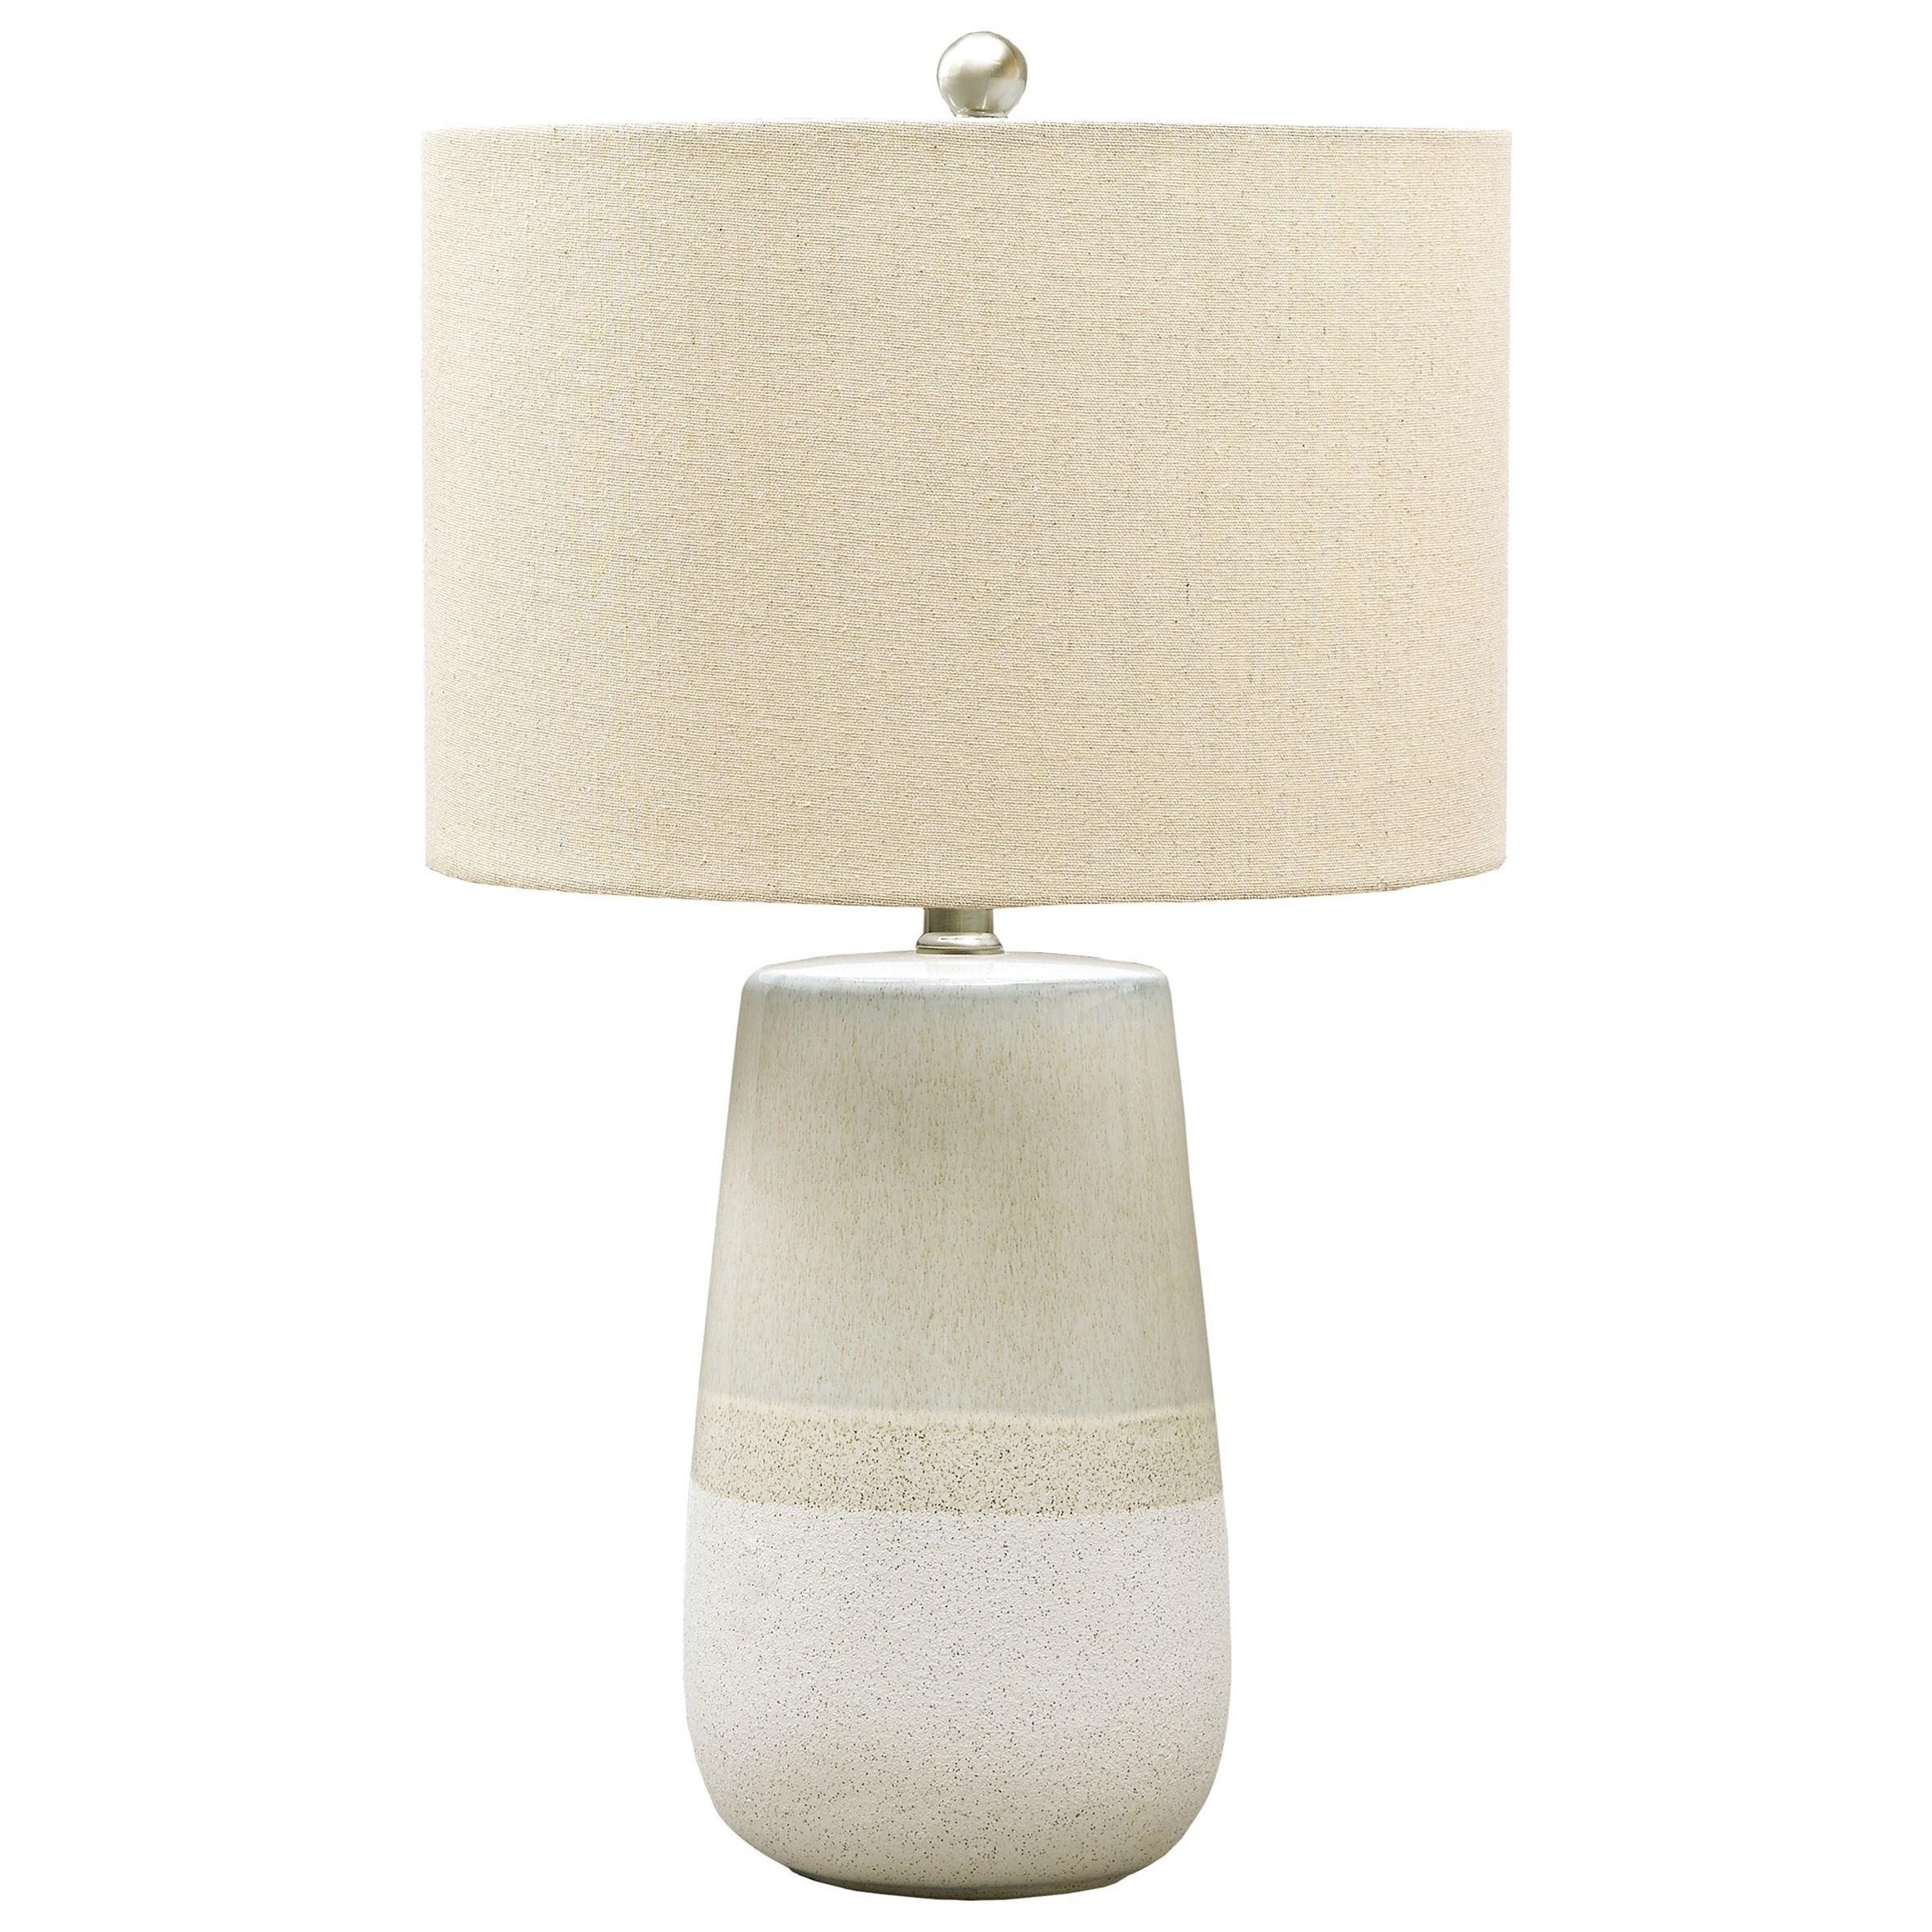 Shavon Beige/White Ceramic Table Lamp